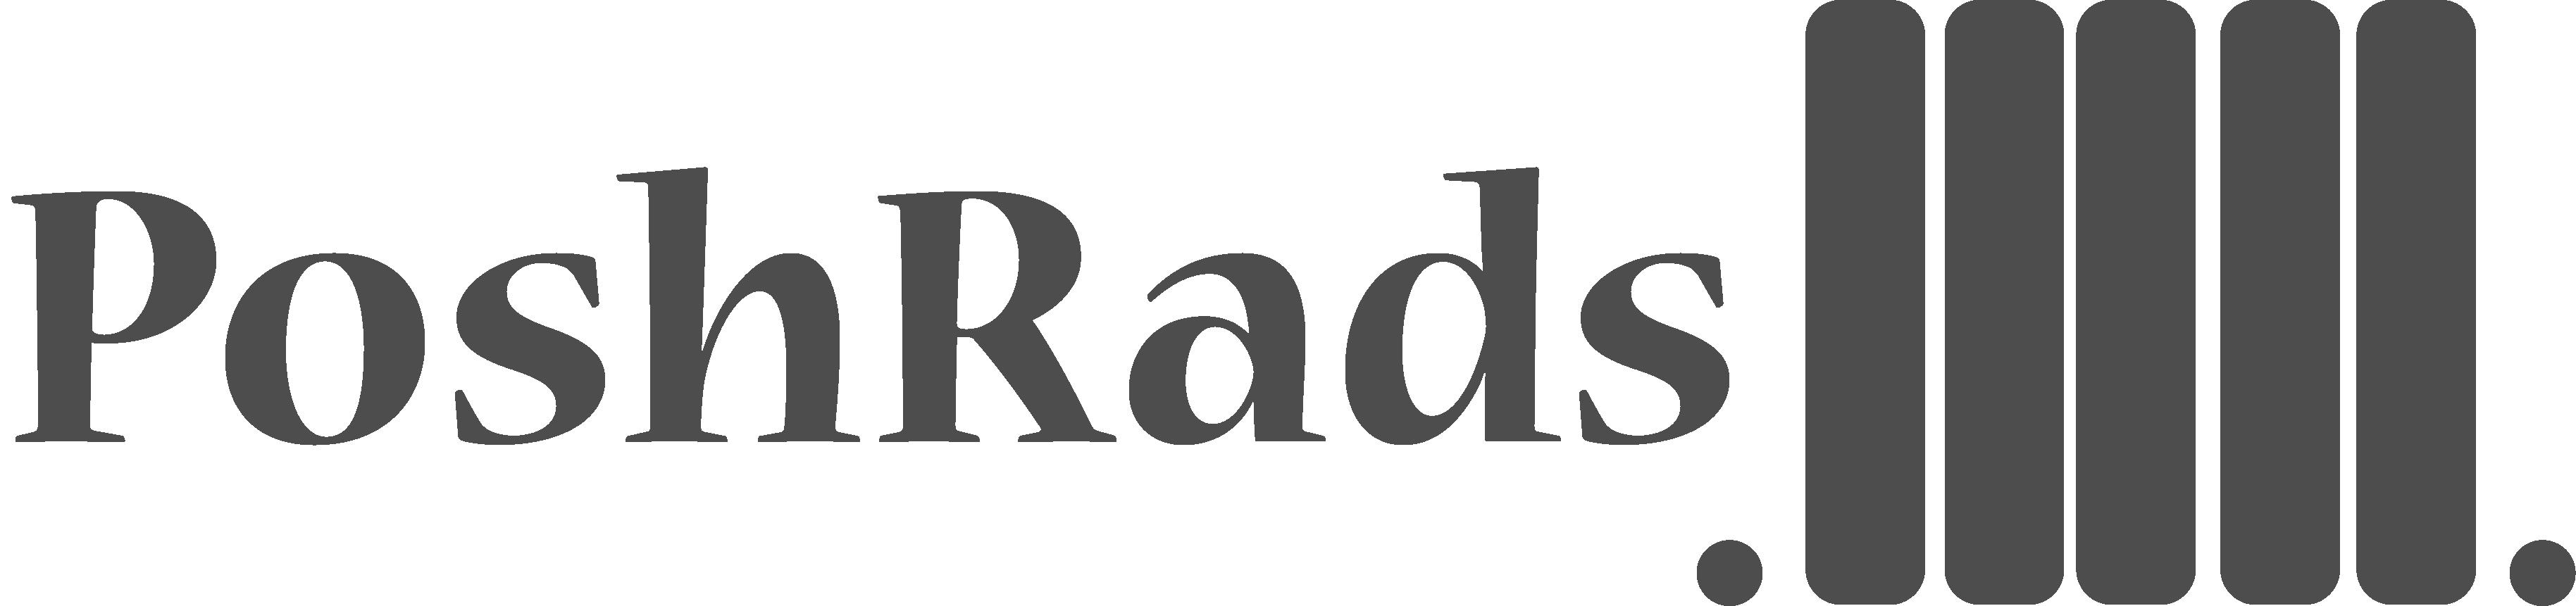 Poshrads - Designer Radiators